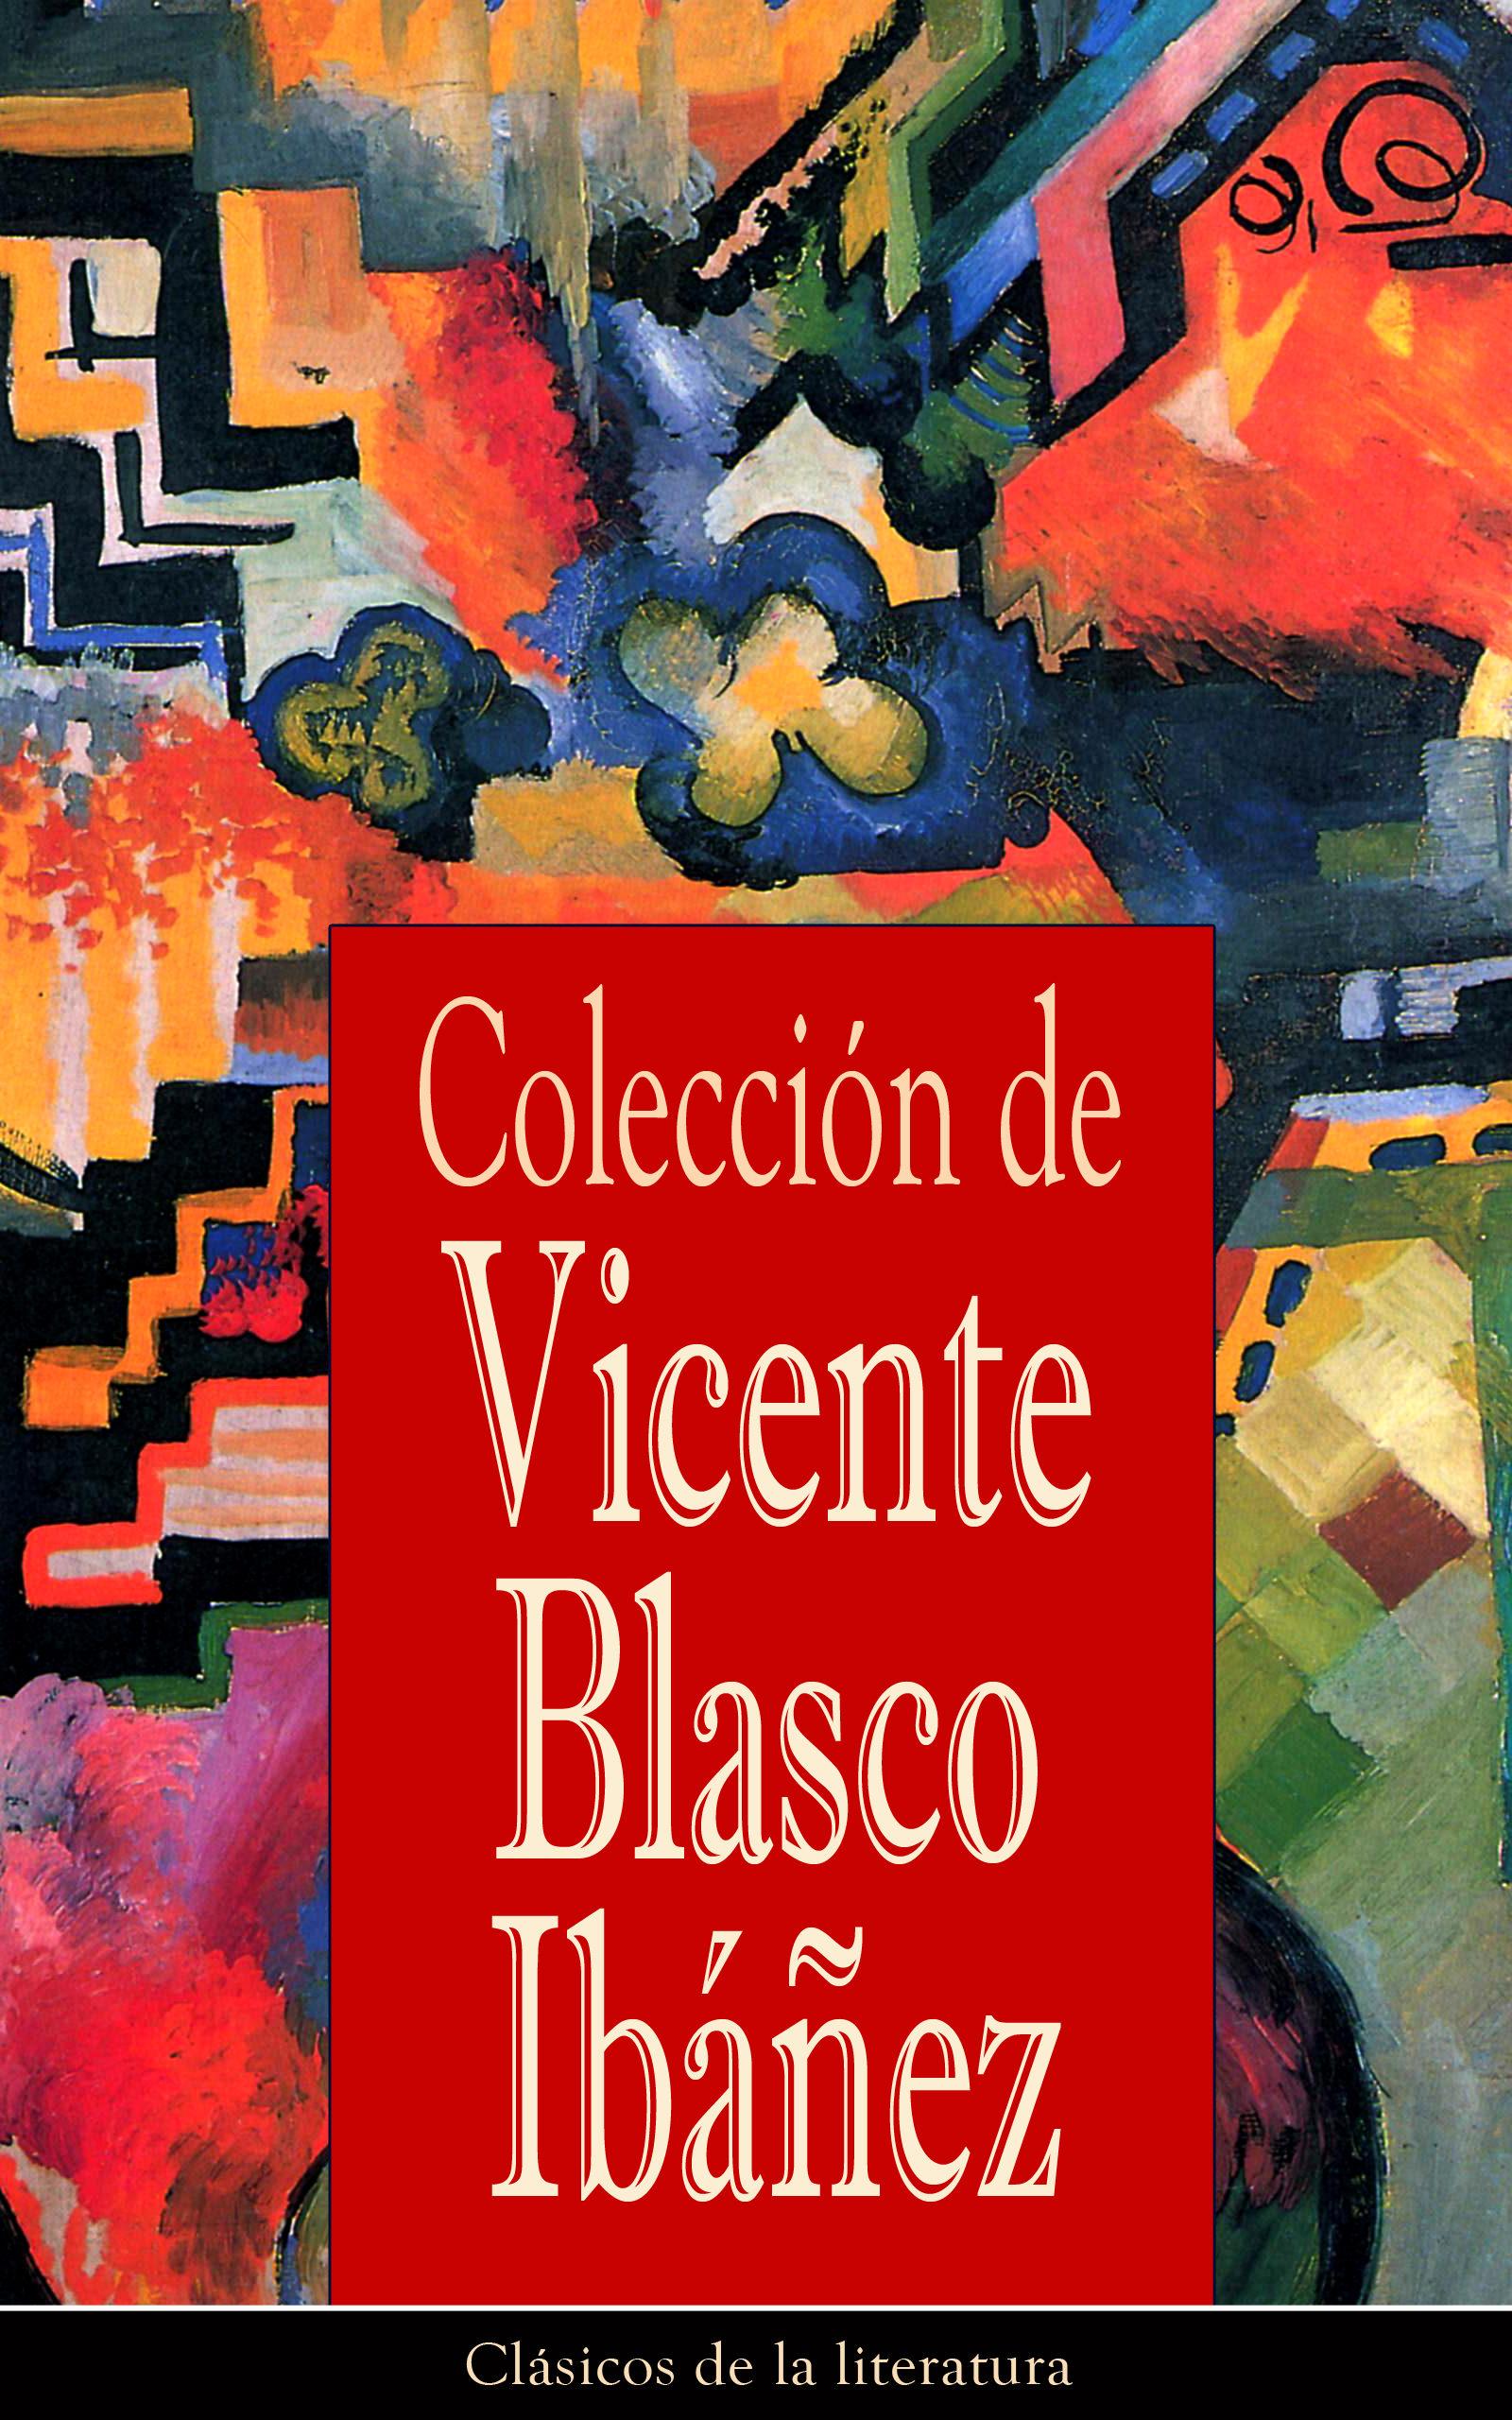 Colección de Vicente Blasco Ibáñez: Clásicos de la literatura